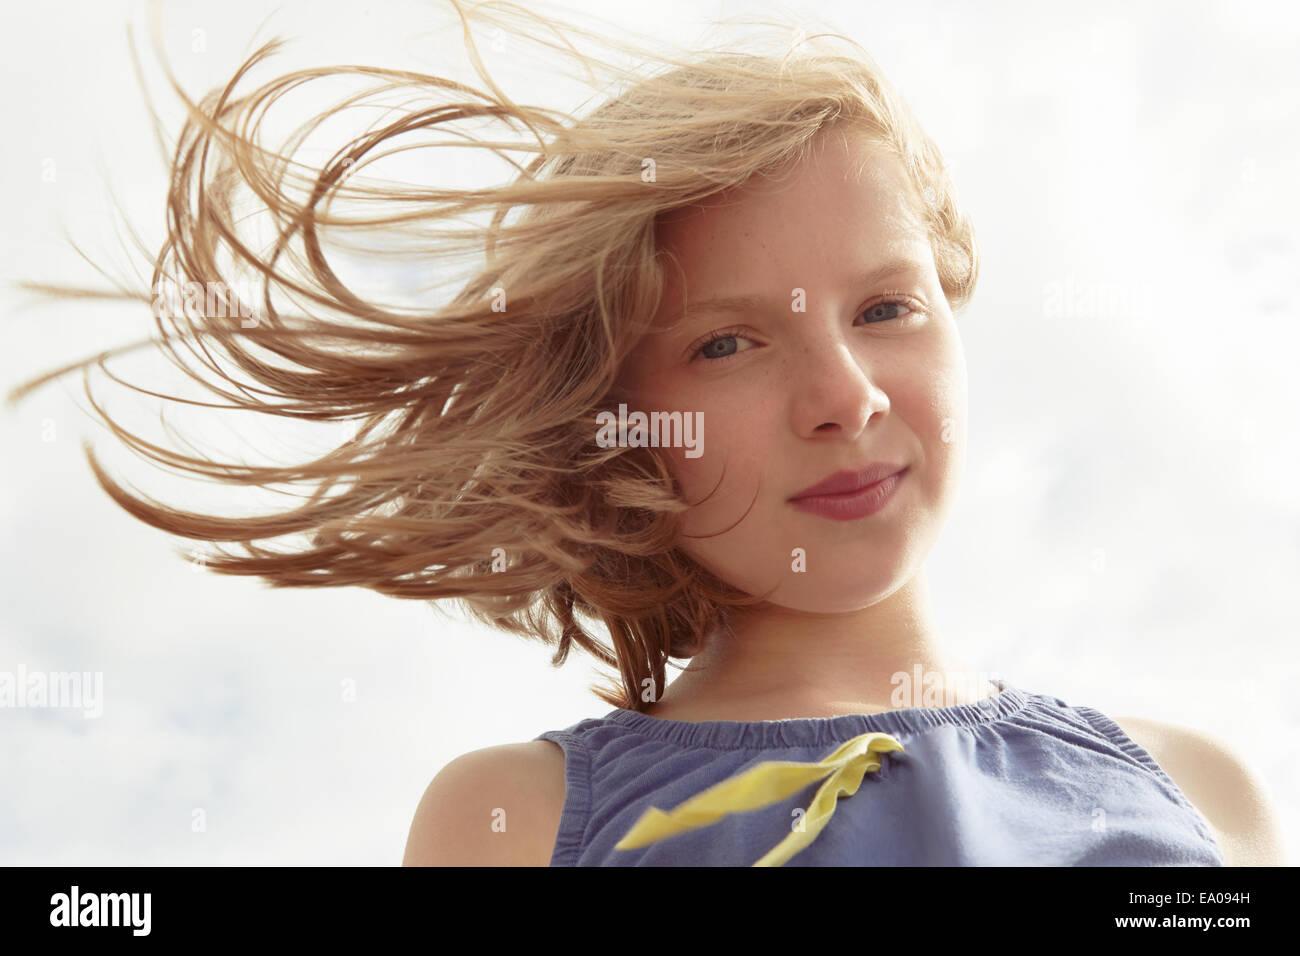 Portrait de fille avec perdus à breezy coast Photo Stock